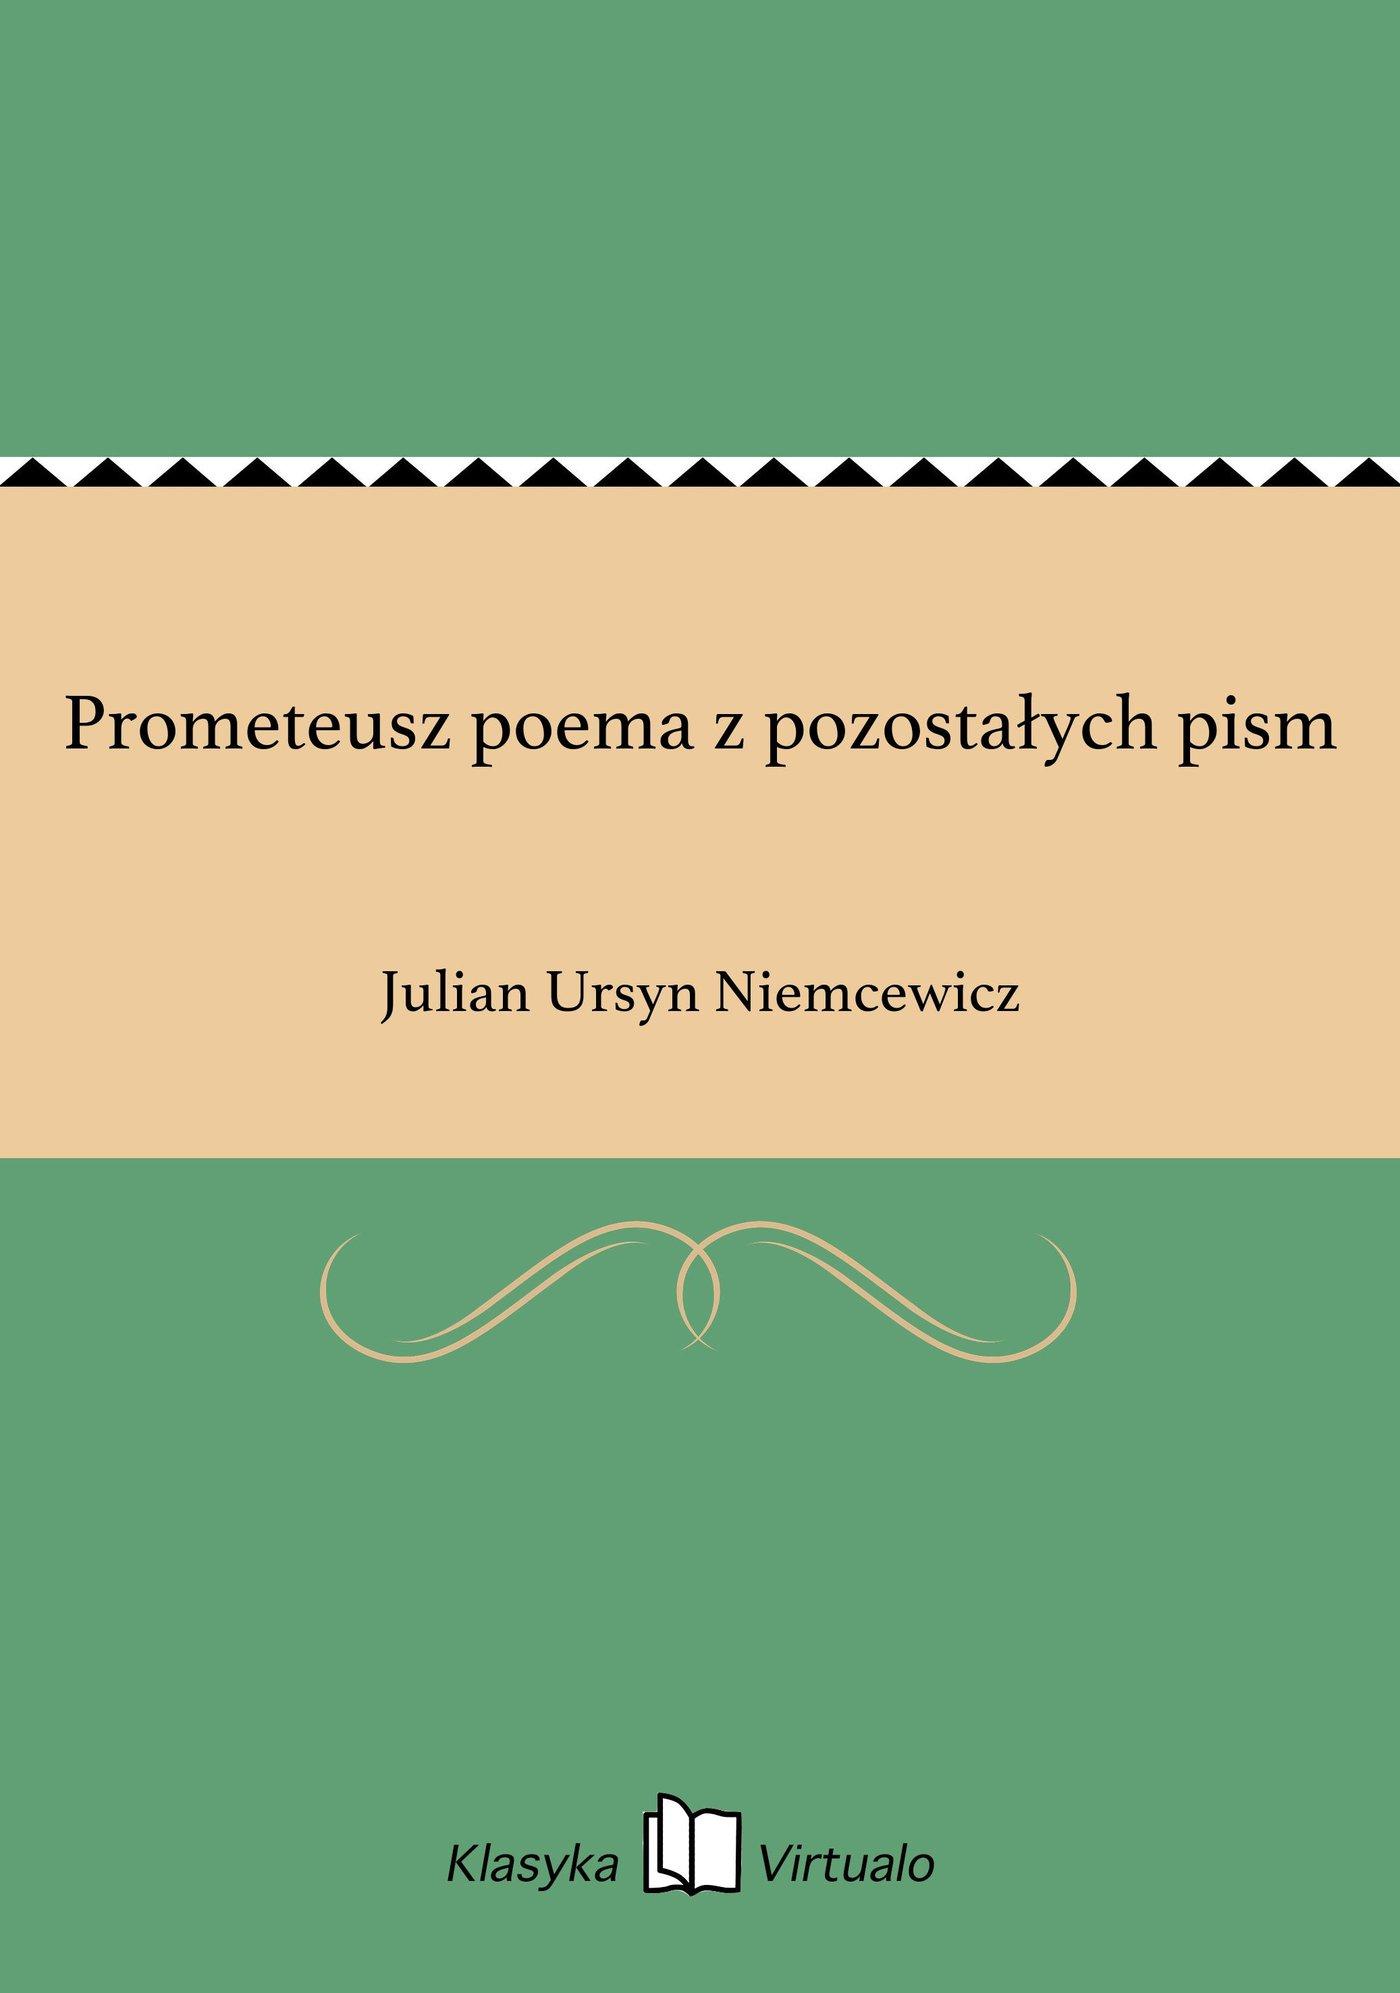 Prometeusz poema z pozostałych pism - Ebook (Książka na Kindle) do pobrania w formacie MOBI